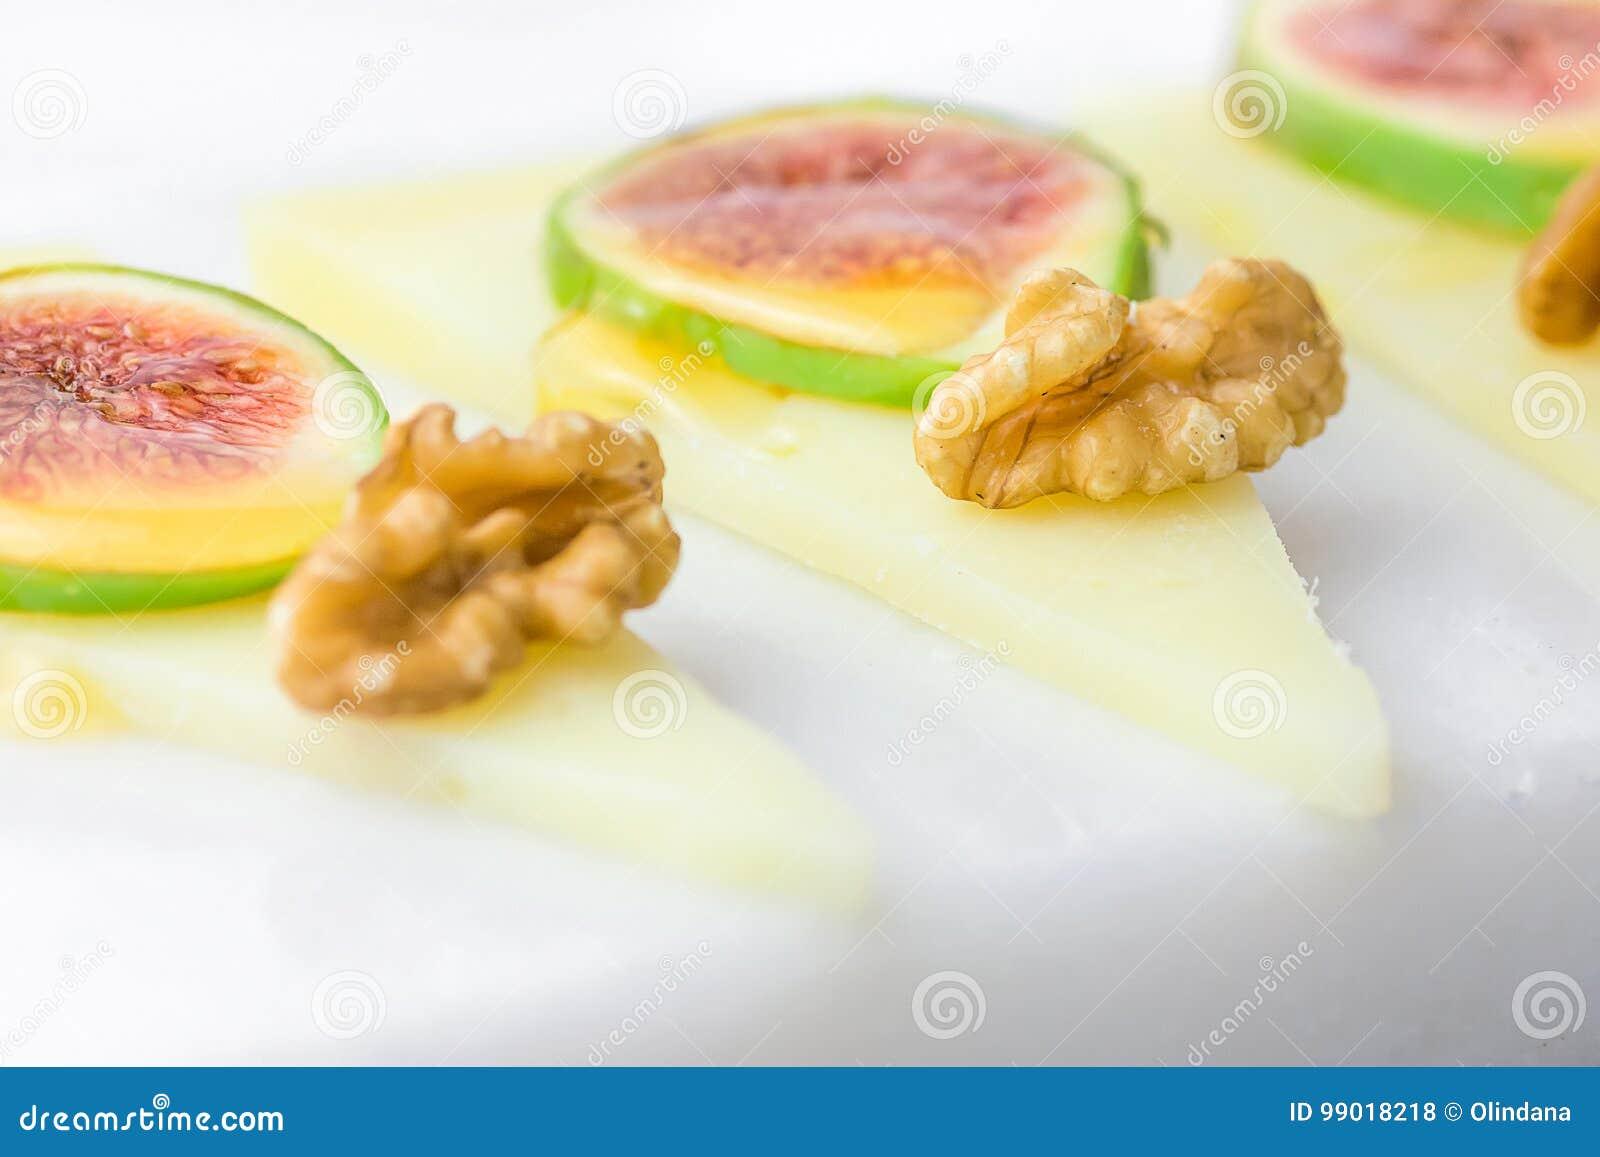 Le fette di formaggio di capra spagnolo semiduro curato con le noci, fichi maturi hanno piovigginato con miele sul bordo di marmo